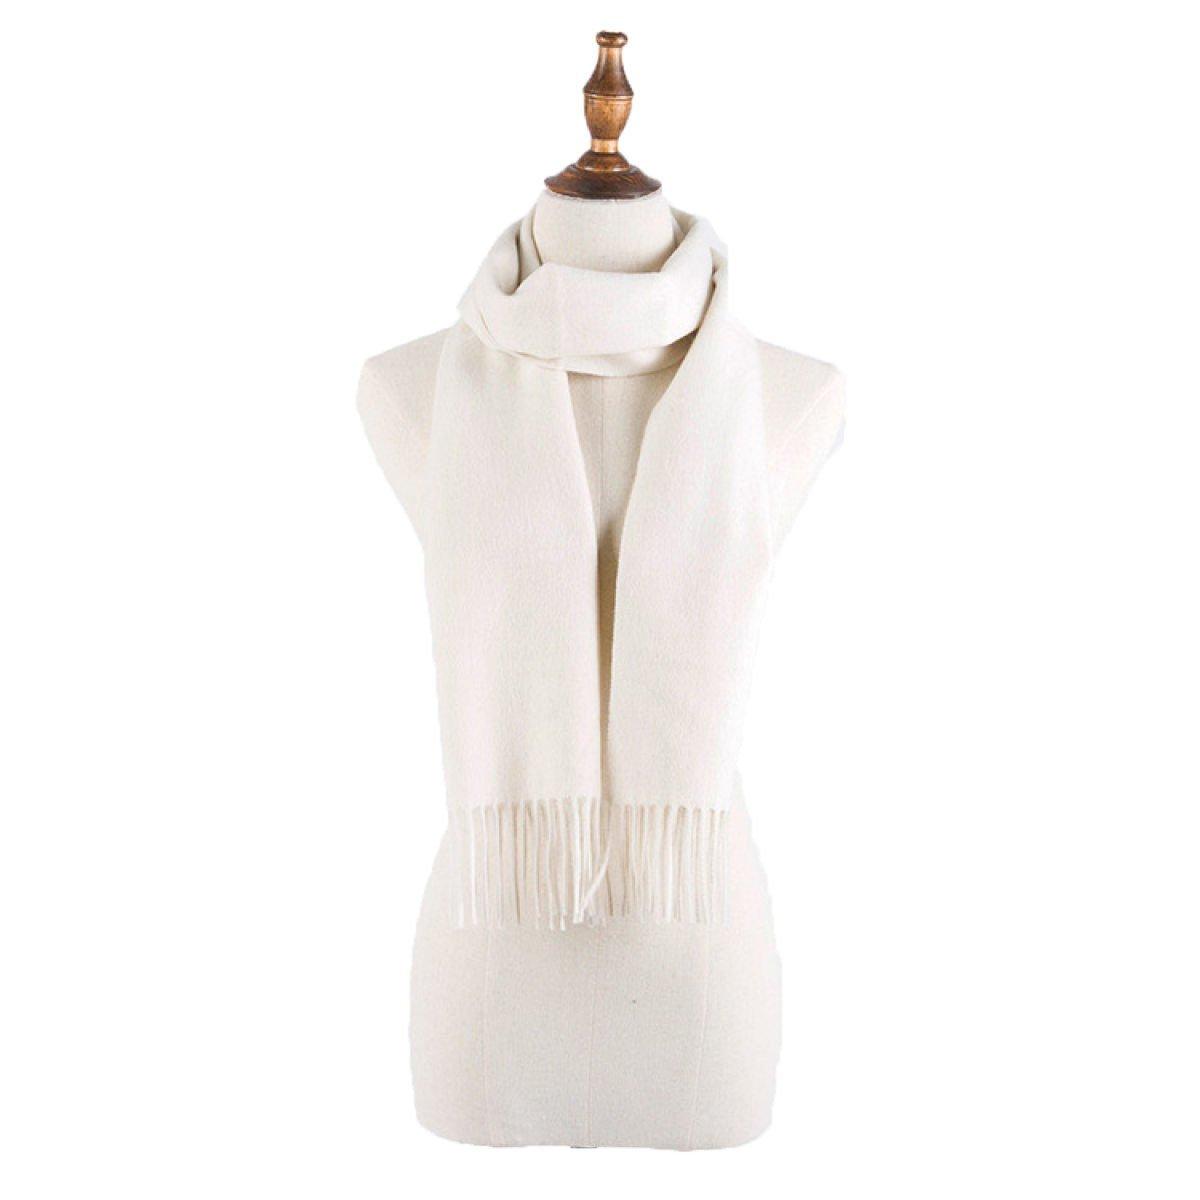 DIDIDD Bufandas hombre y mujer general ultra fino multicolor opcional cálido,Blanco,180 * 33cm